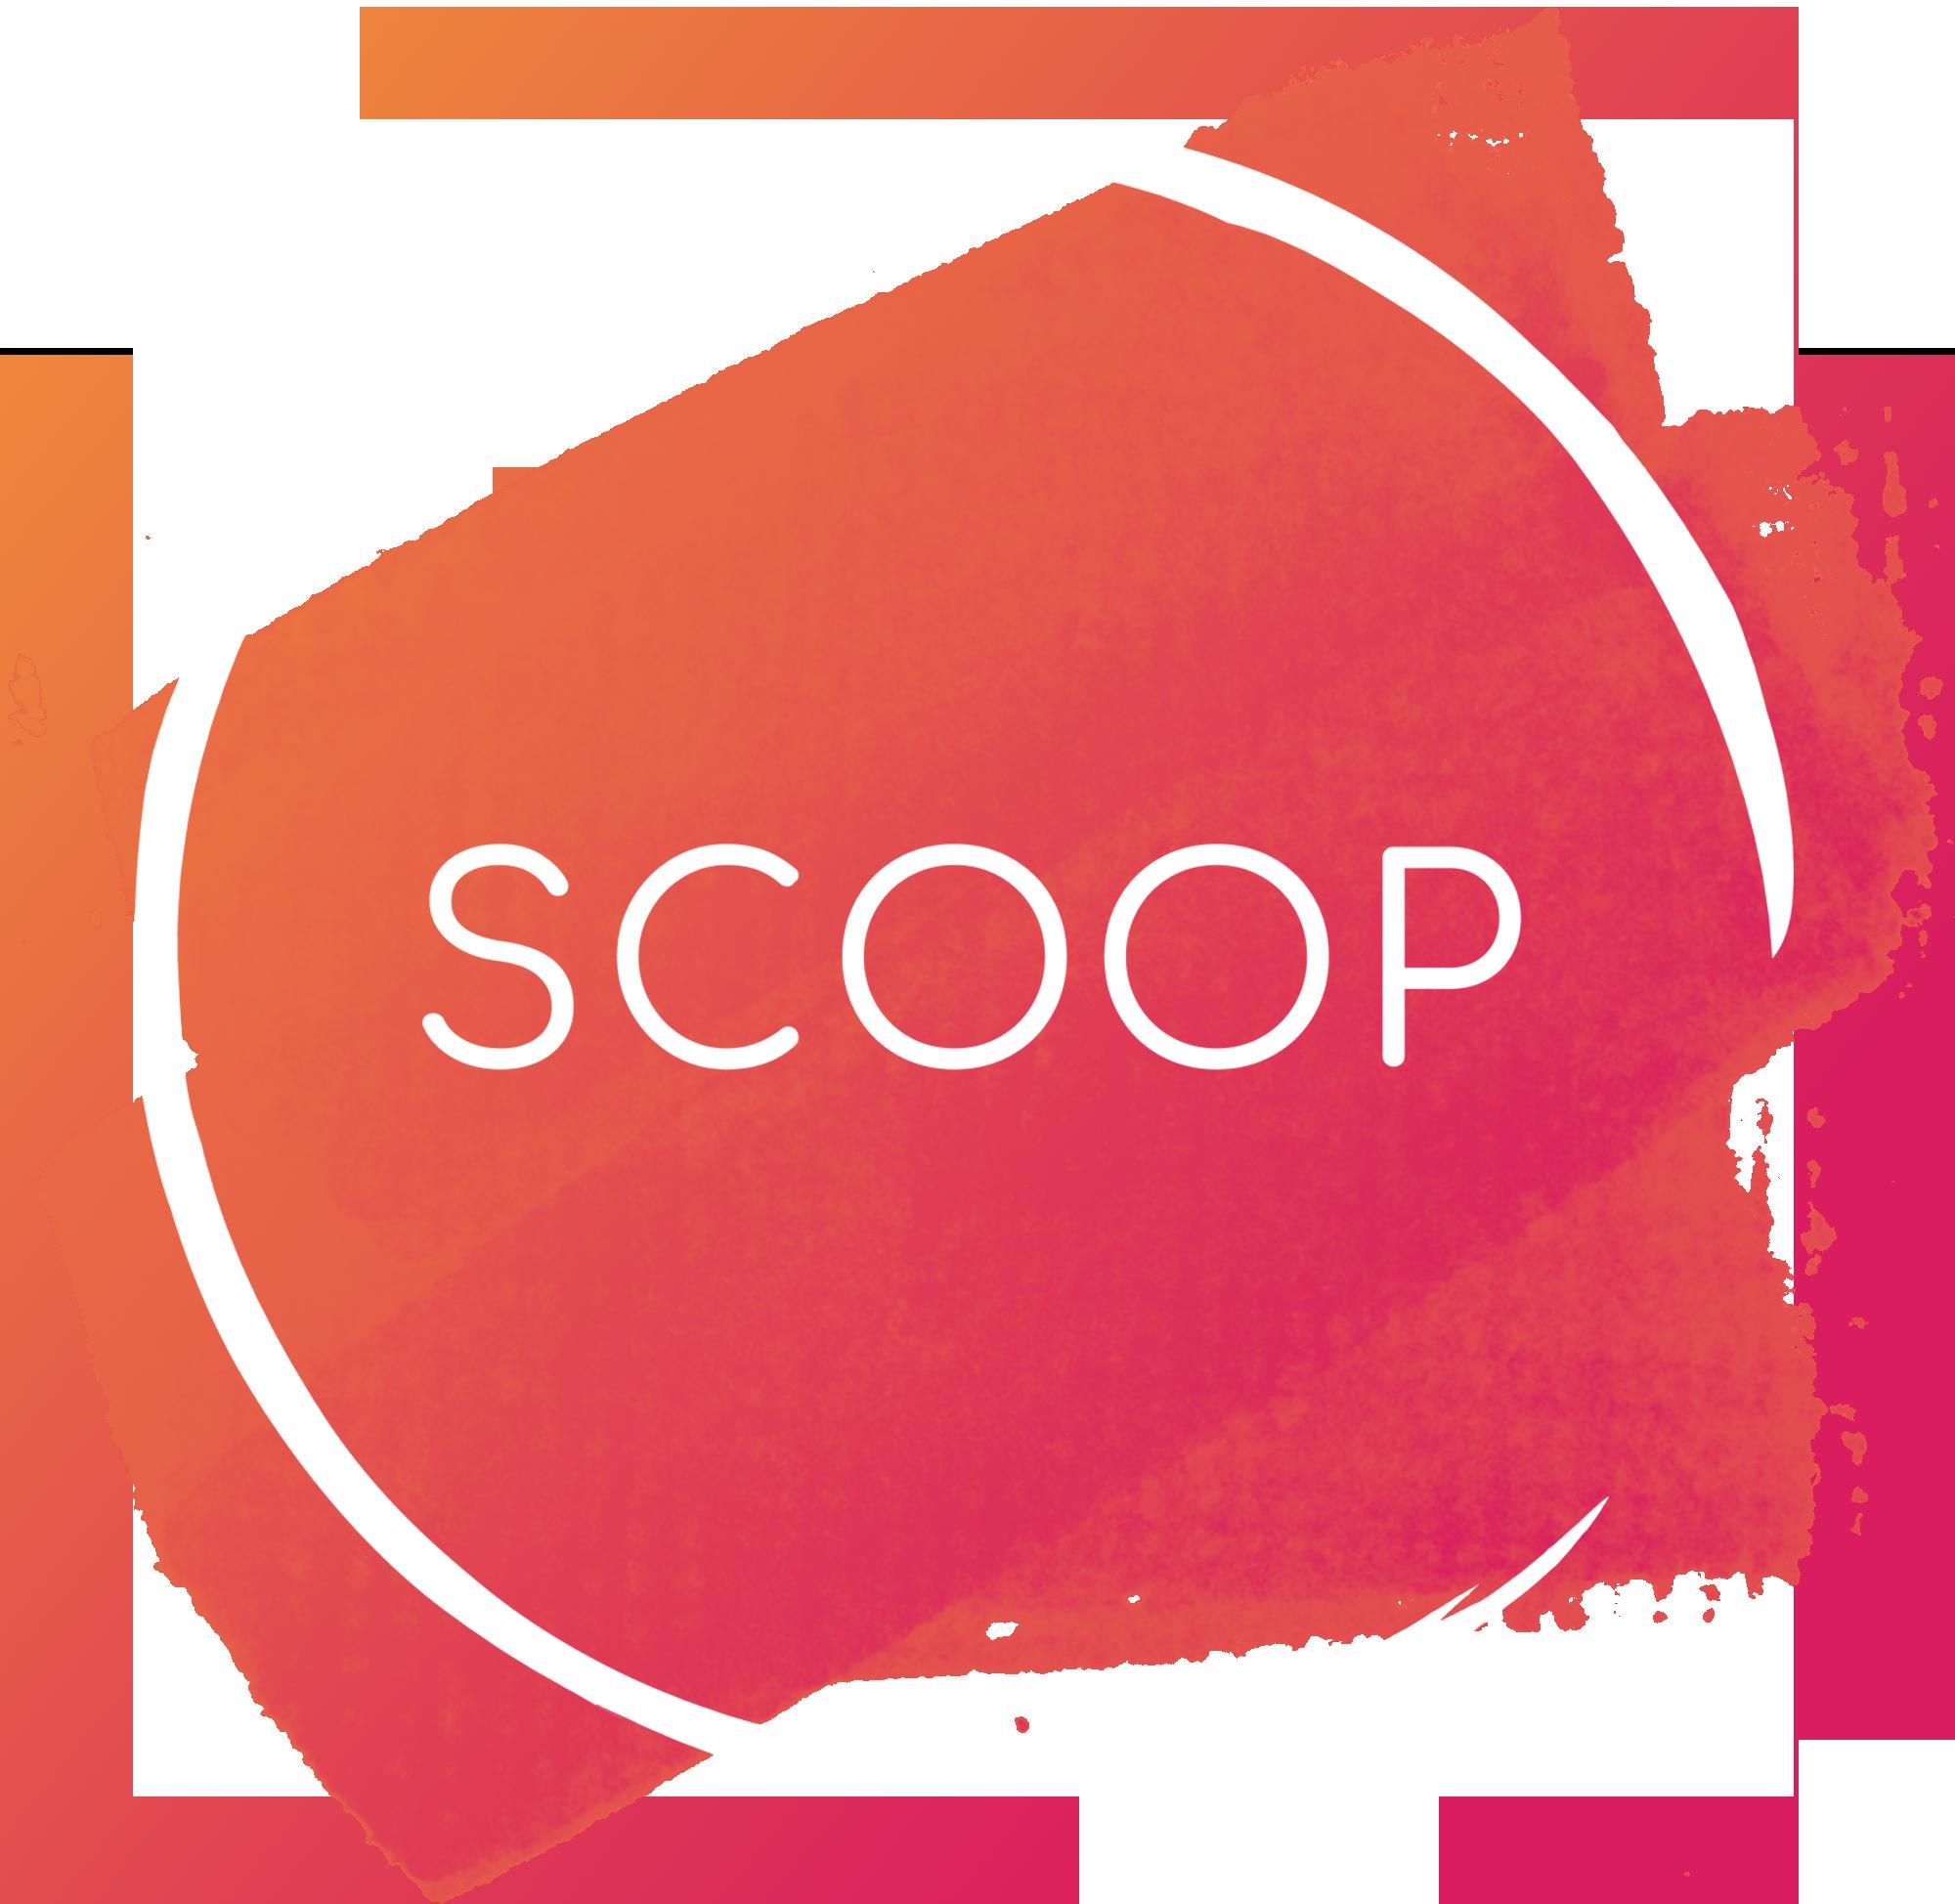 logo_scoop (1).png